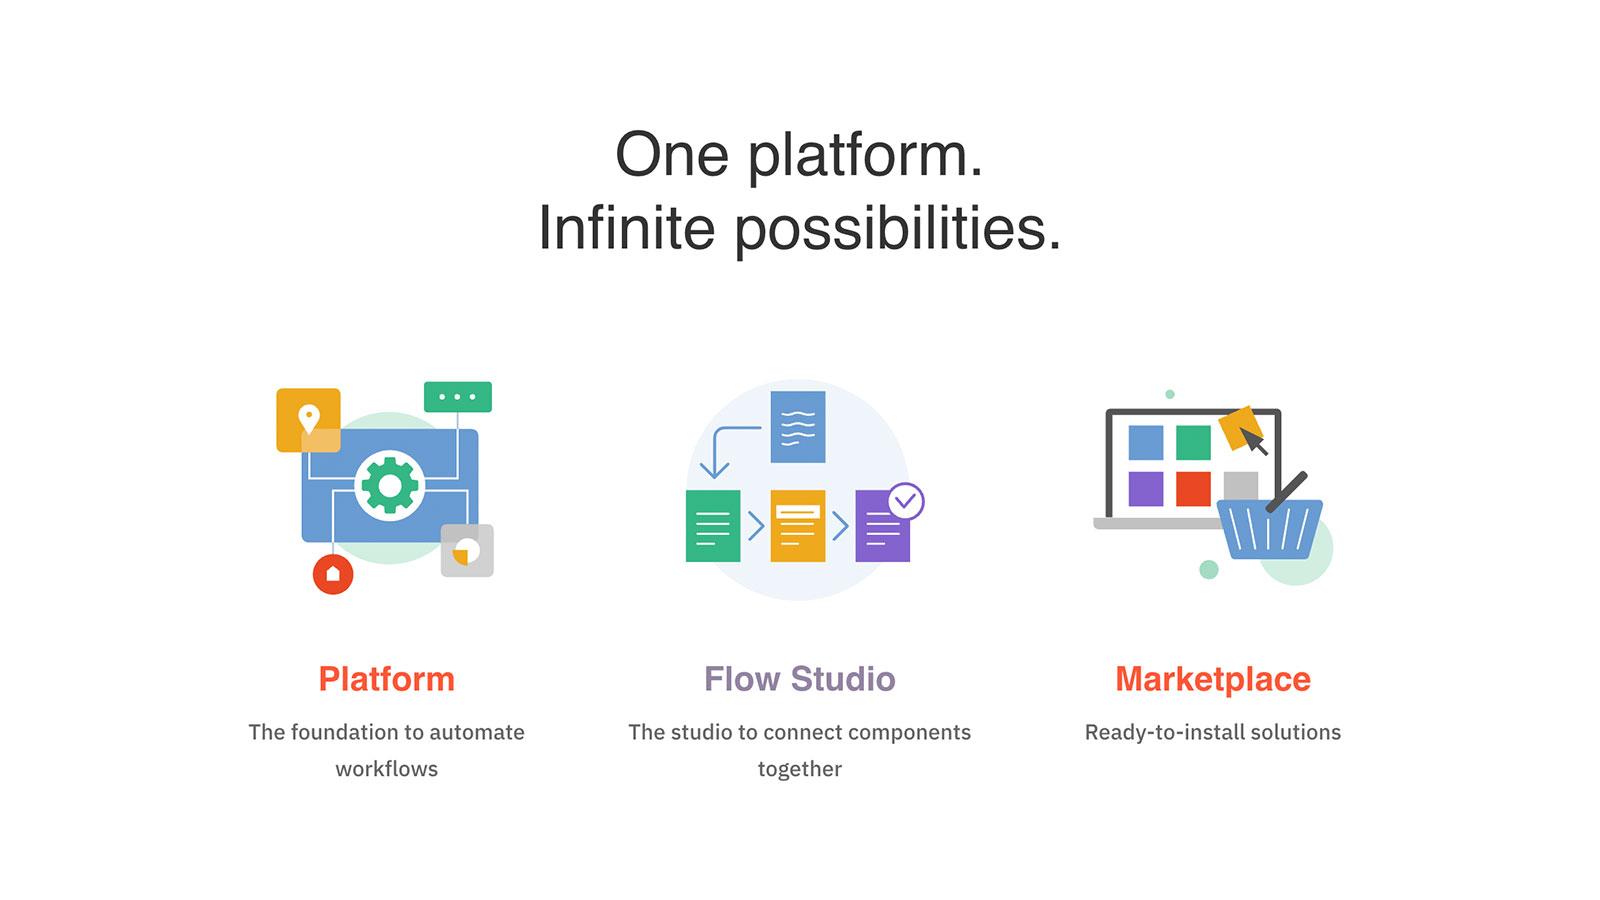 ビジネス用アプリ、アプリ作成ツールを提供する注目のユニコーンInstabase